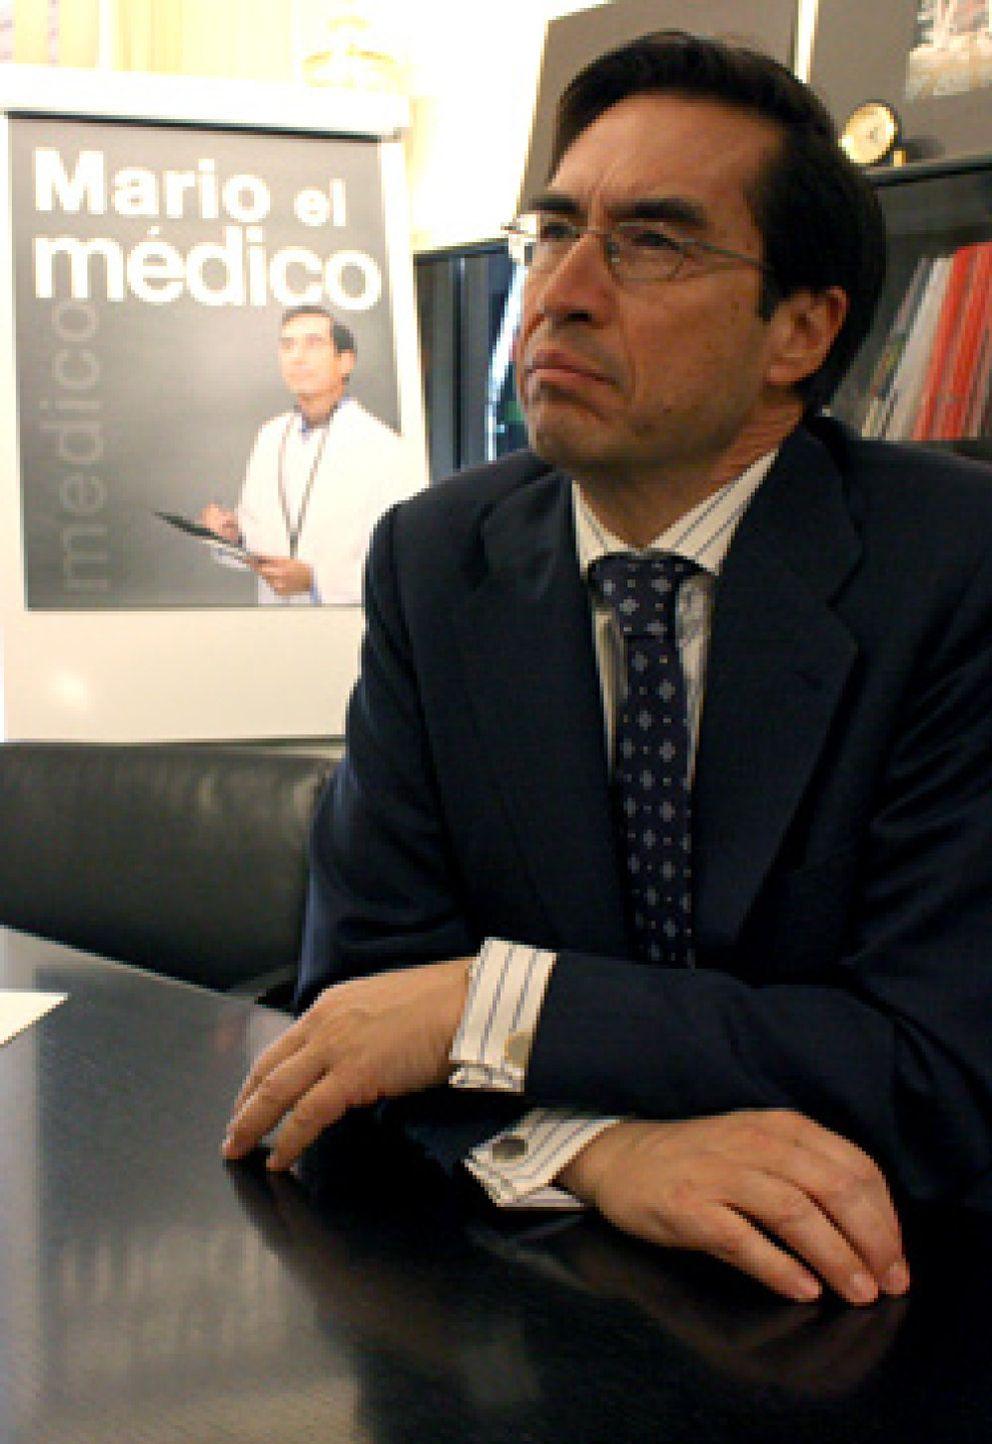 """Foto: El cirujano Mario Alonso: """"La zona de confort nos asegura lo conocido pero nos impide realizarnos"""""""